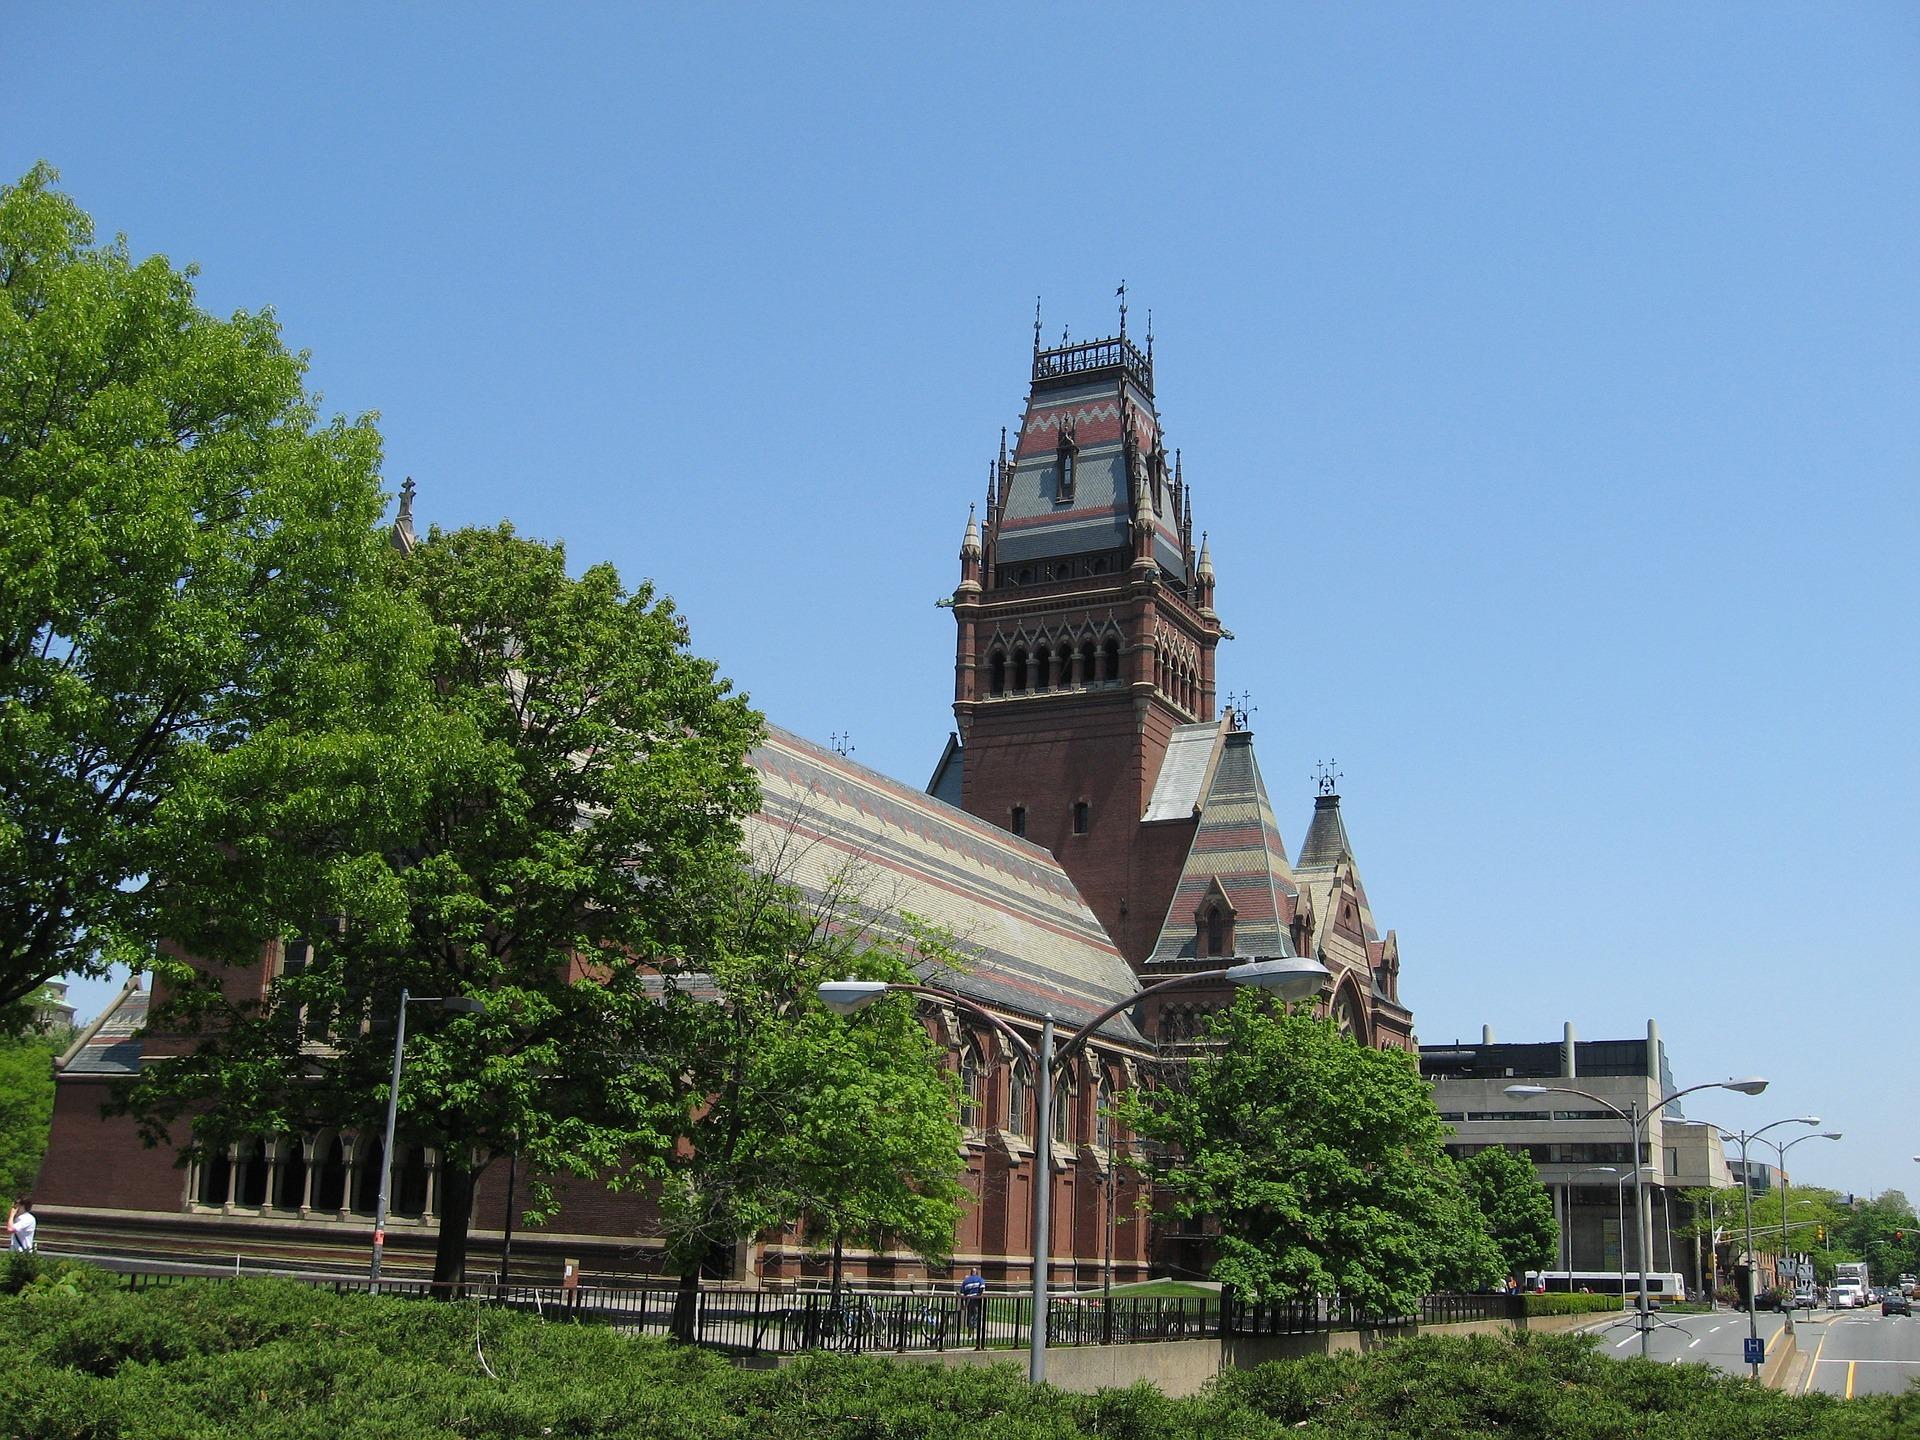 歩いてめぐるハーバード大学